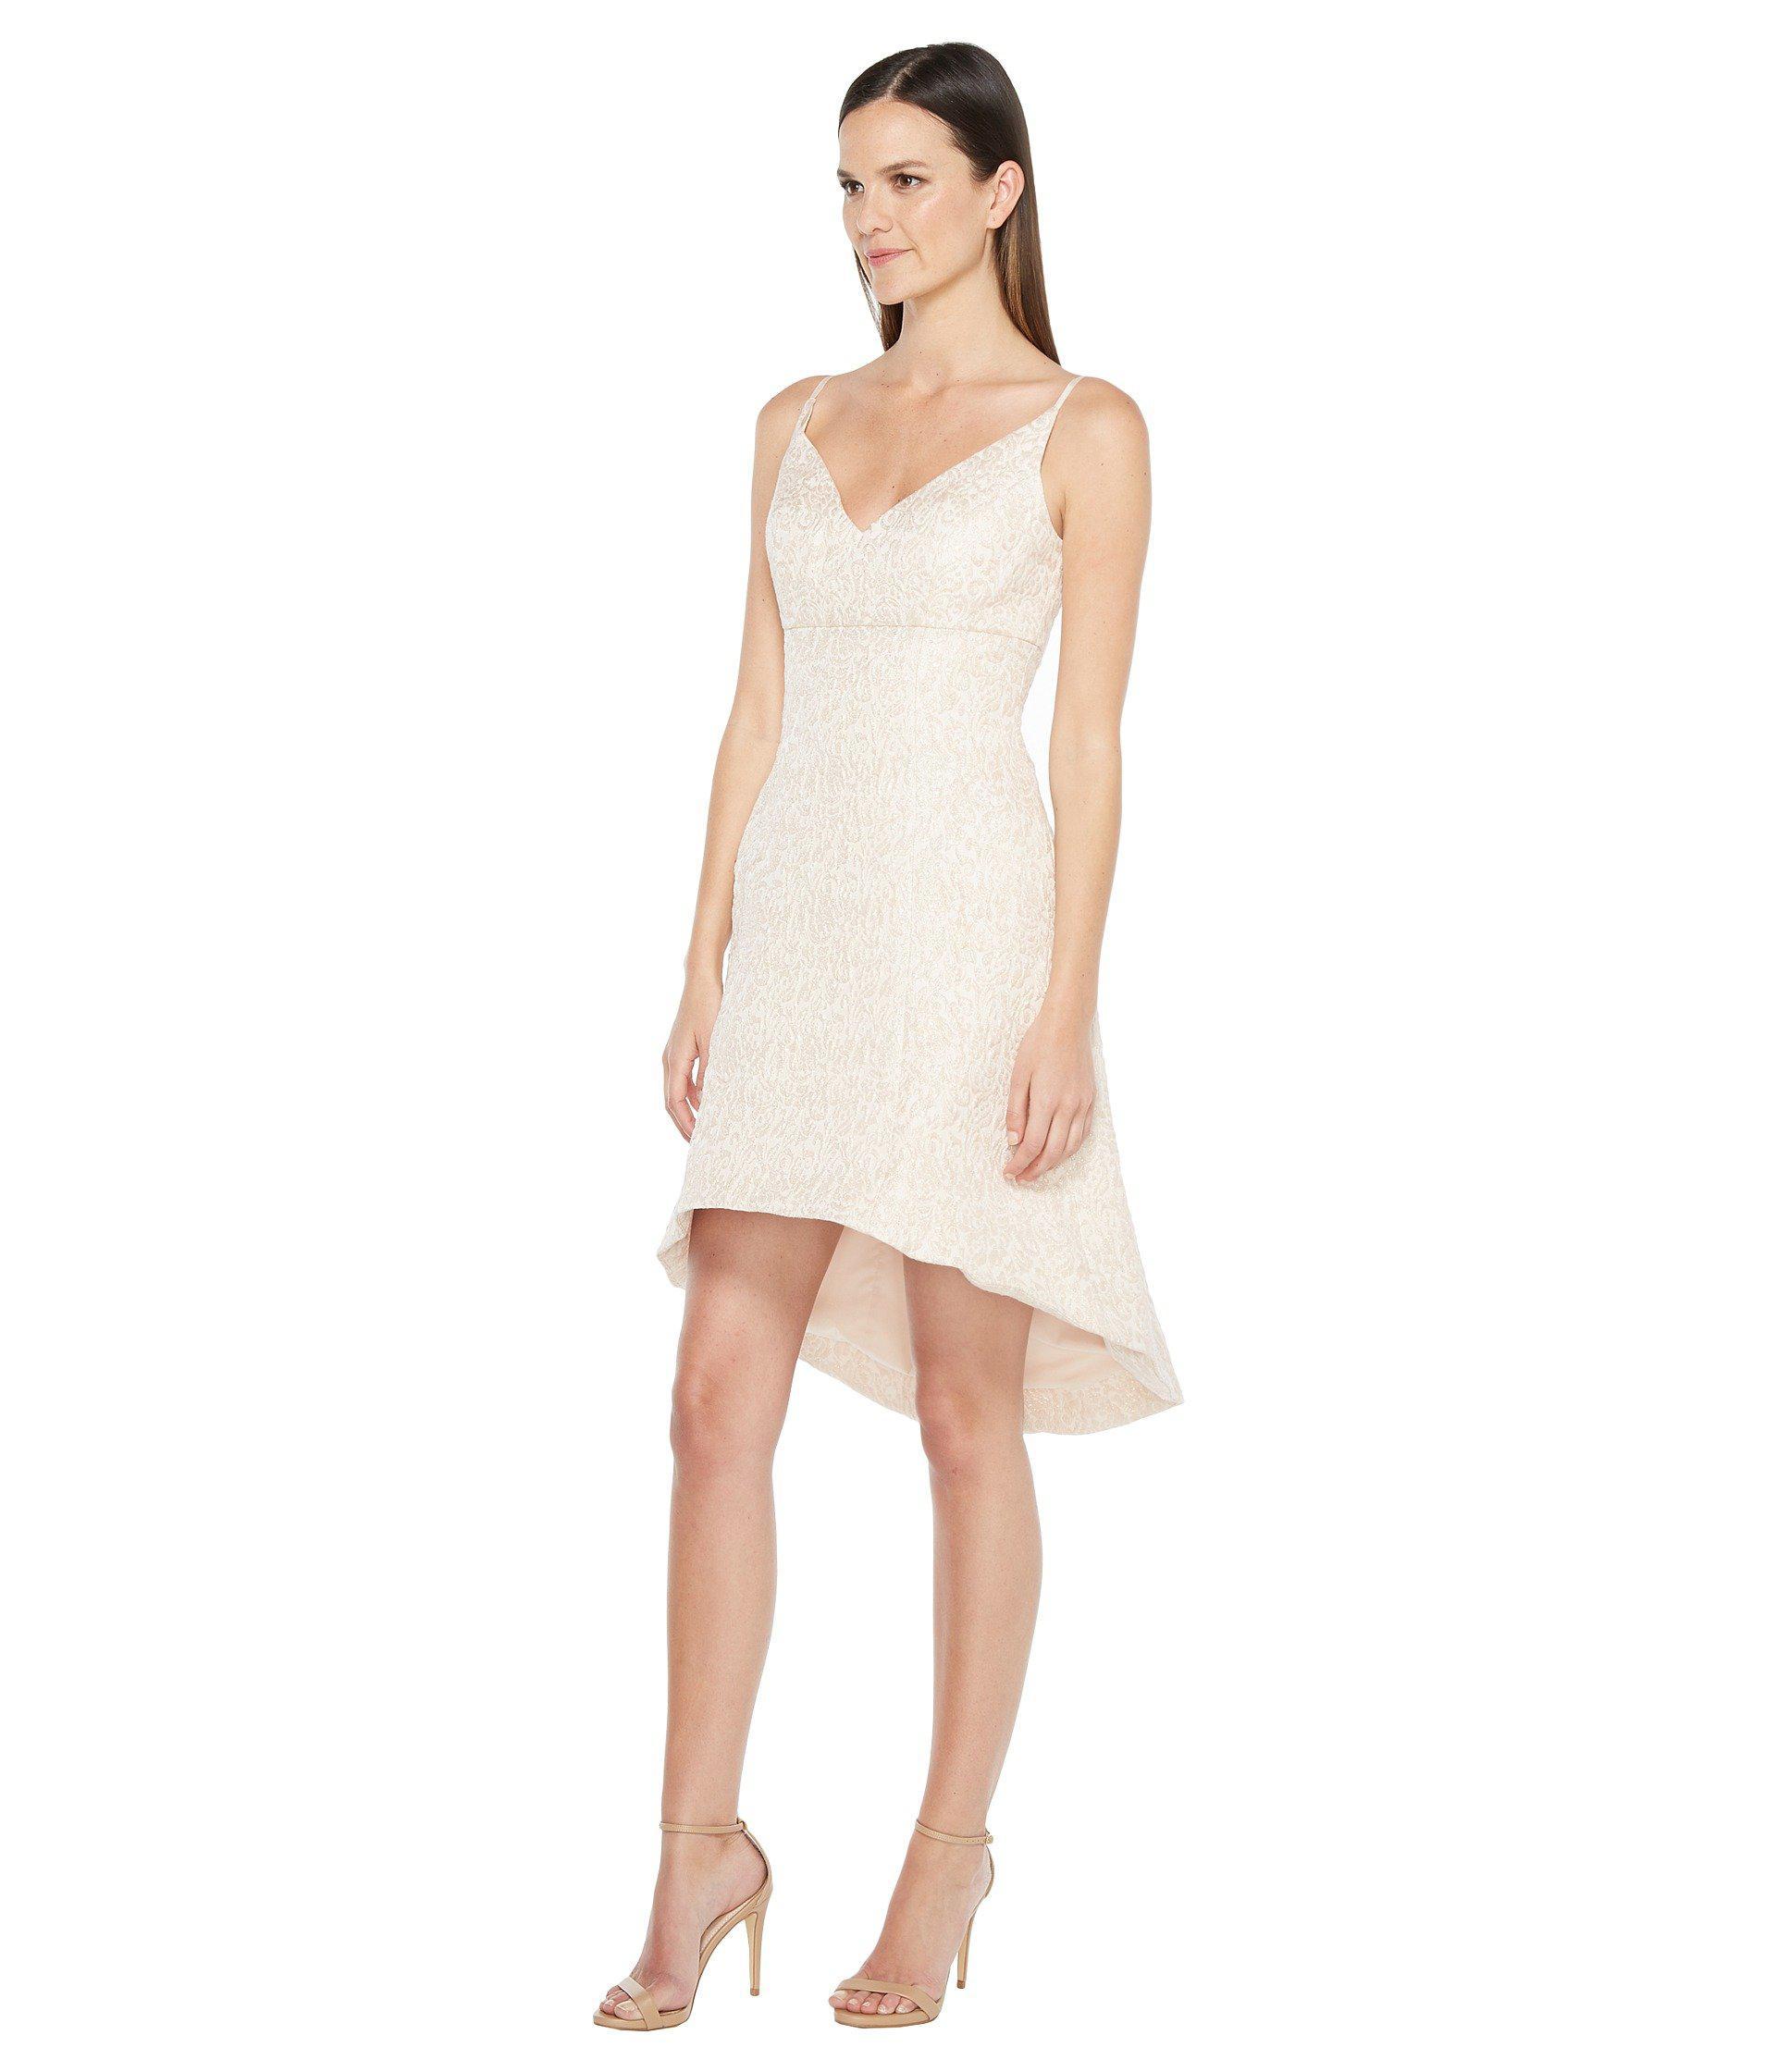 Lyst - Aidan Mattox Jacquard Fit And Flare Dress 7426f7078